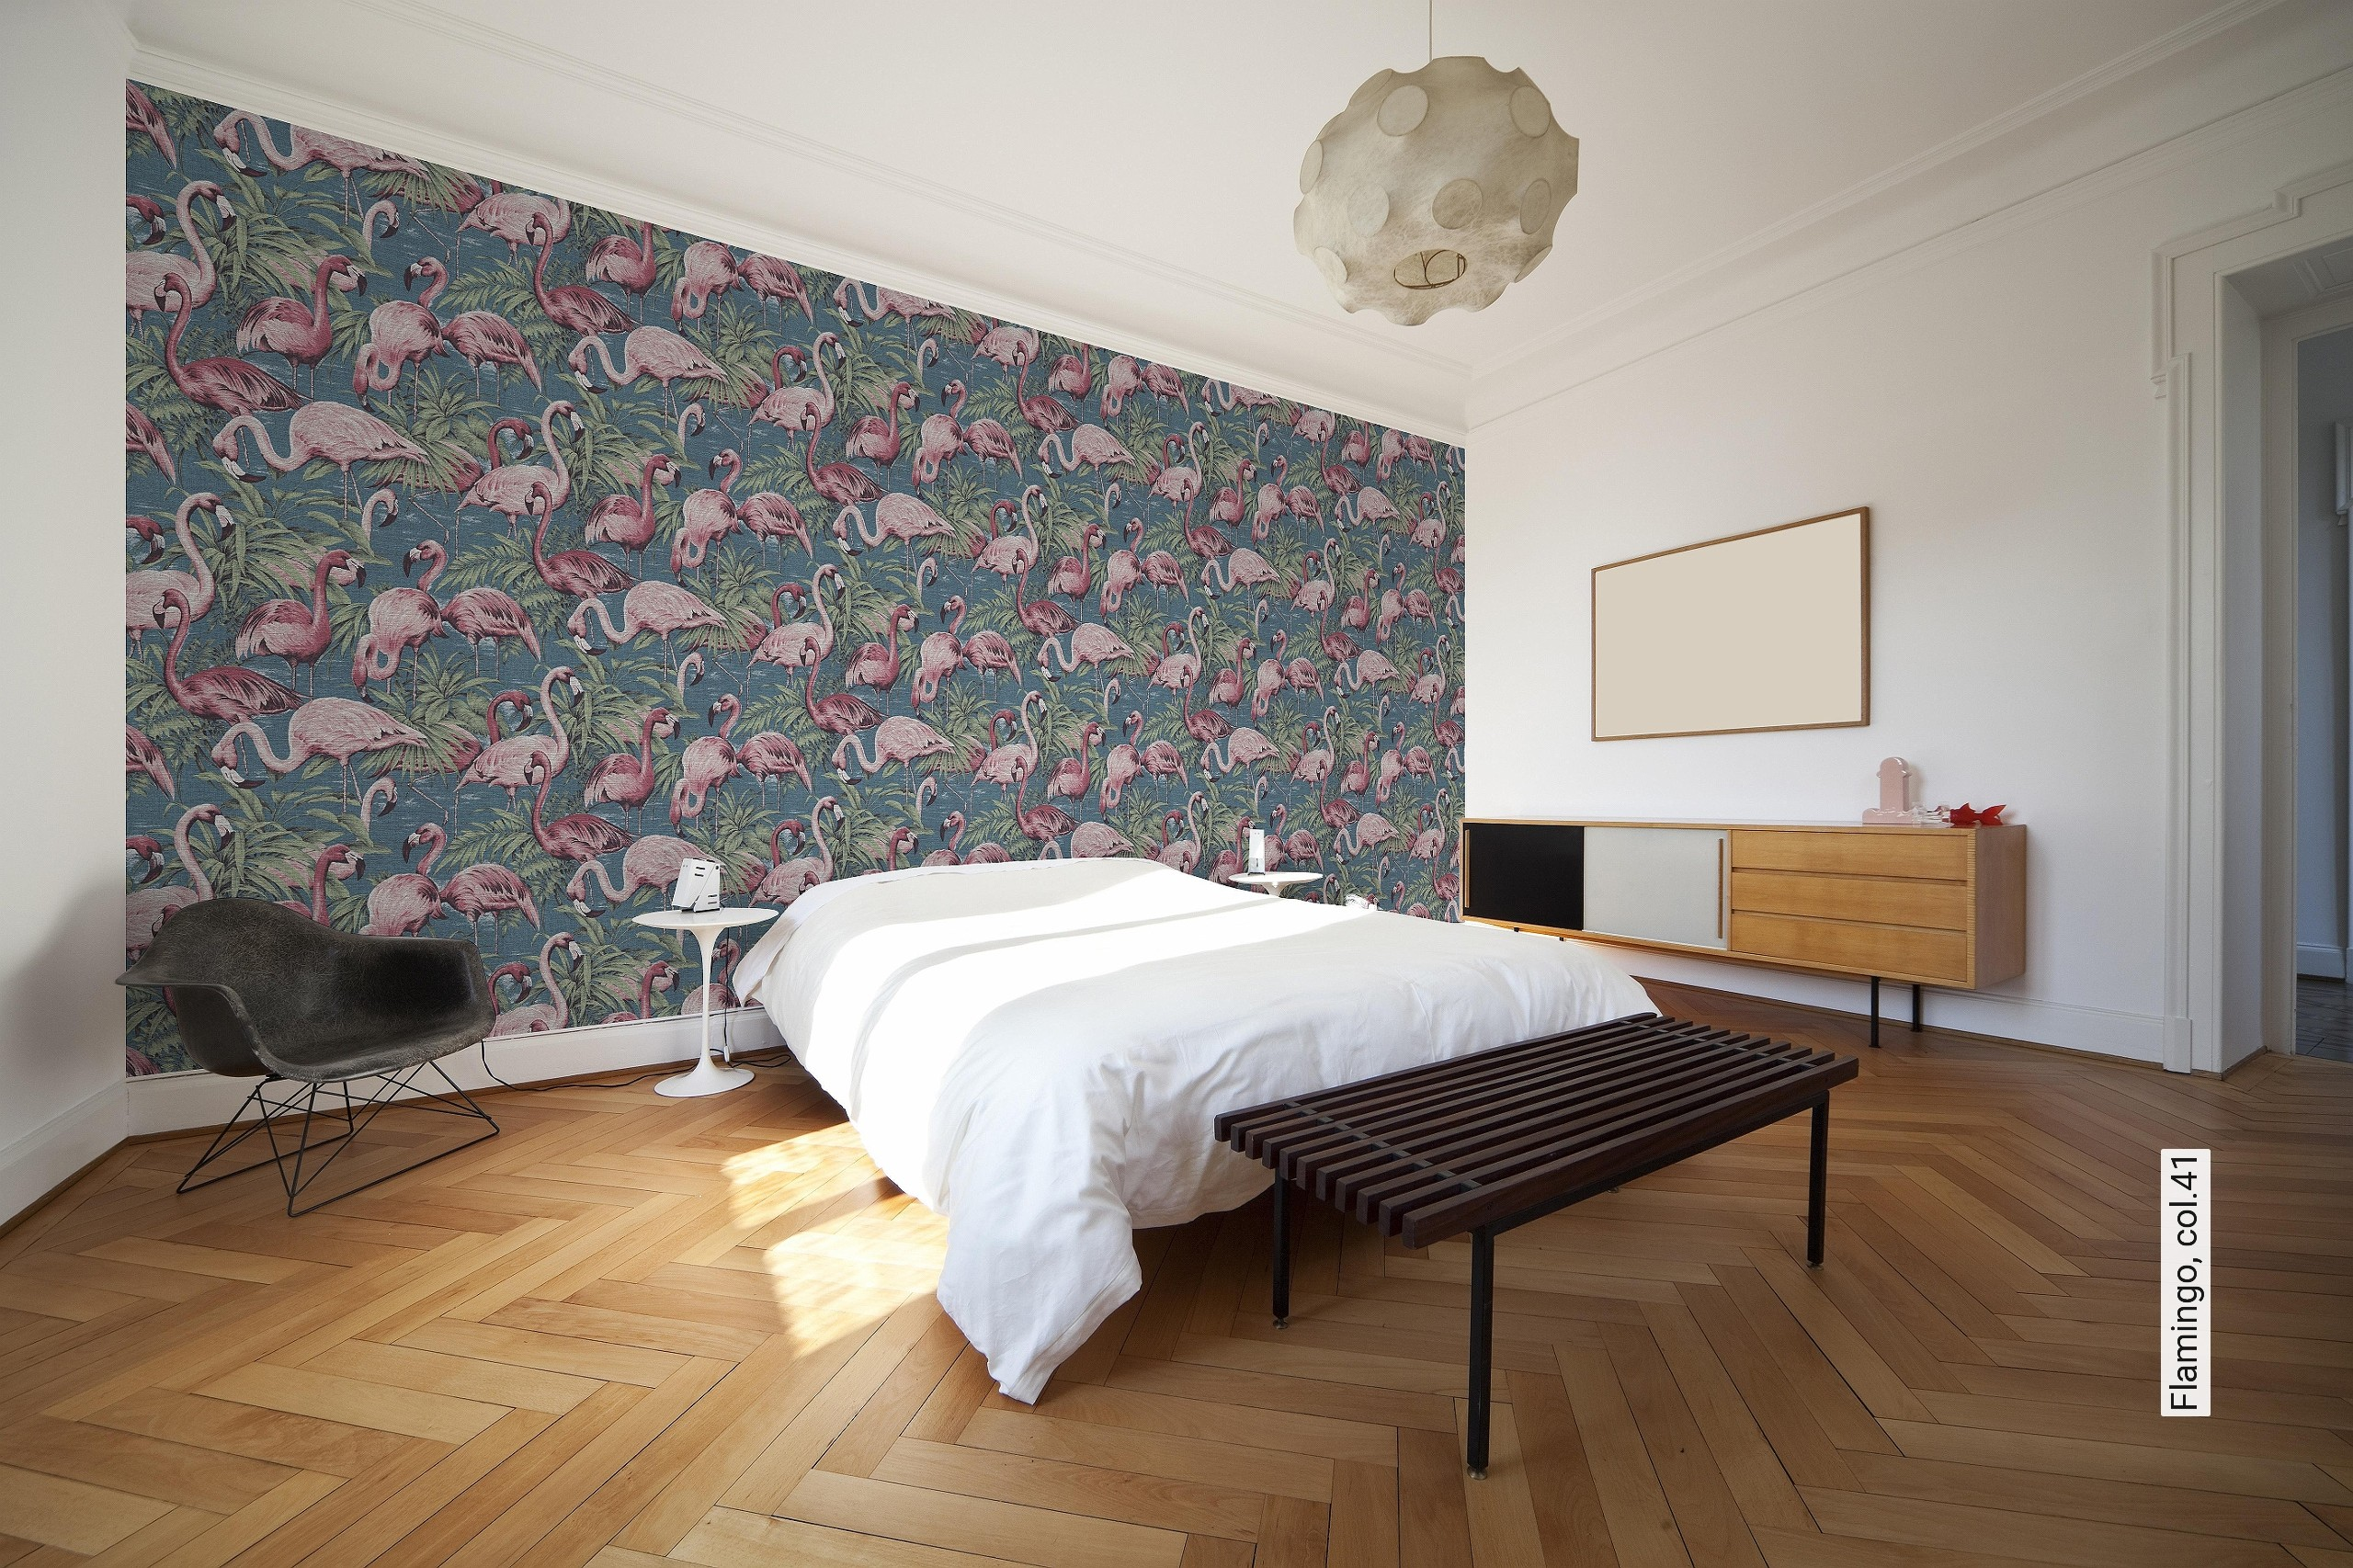 Perfekt Tapete Abwaschbar Bilder Von Wohndesign Dekor